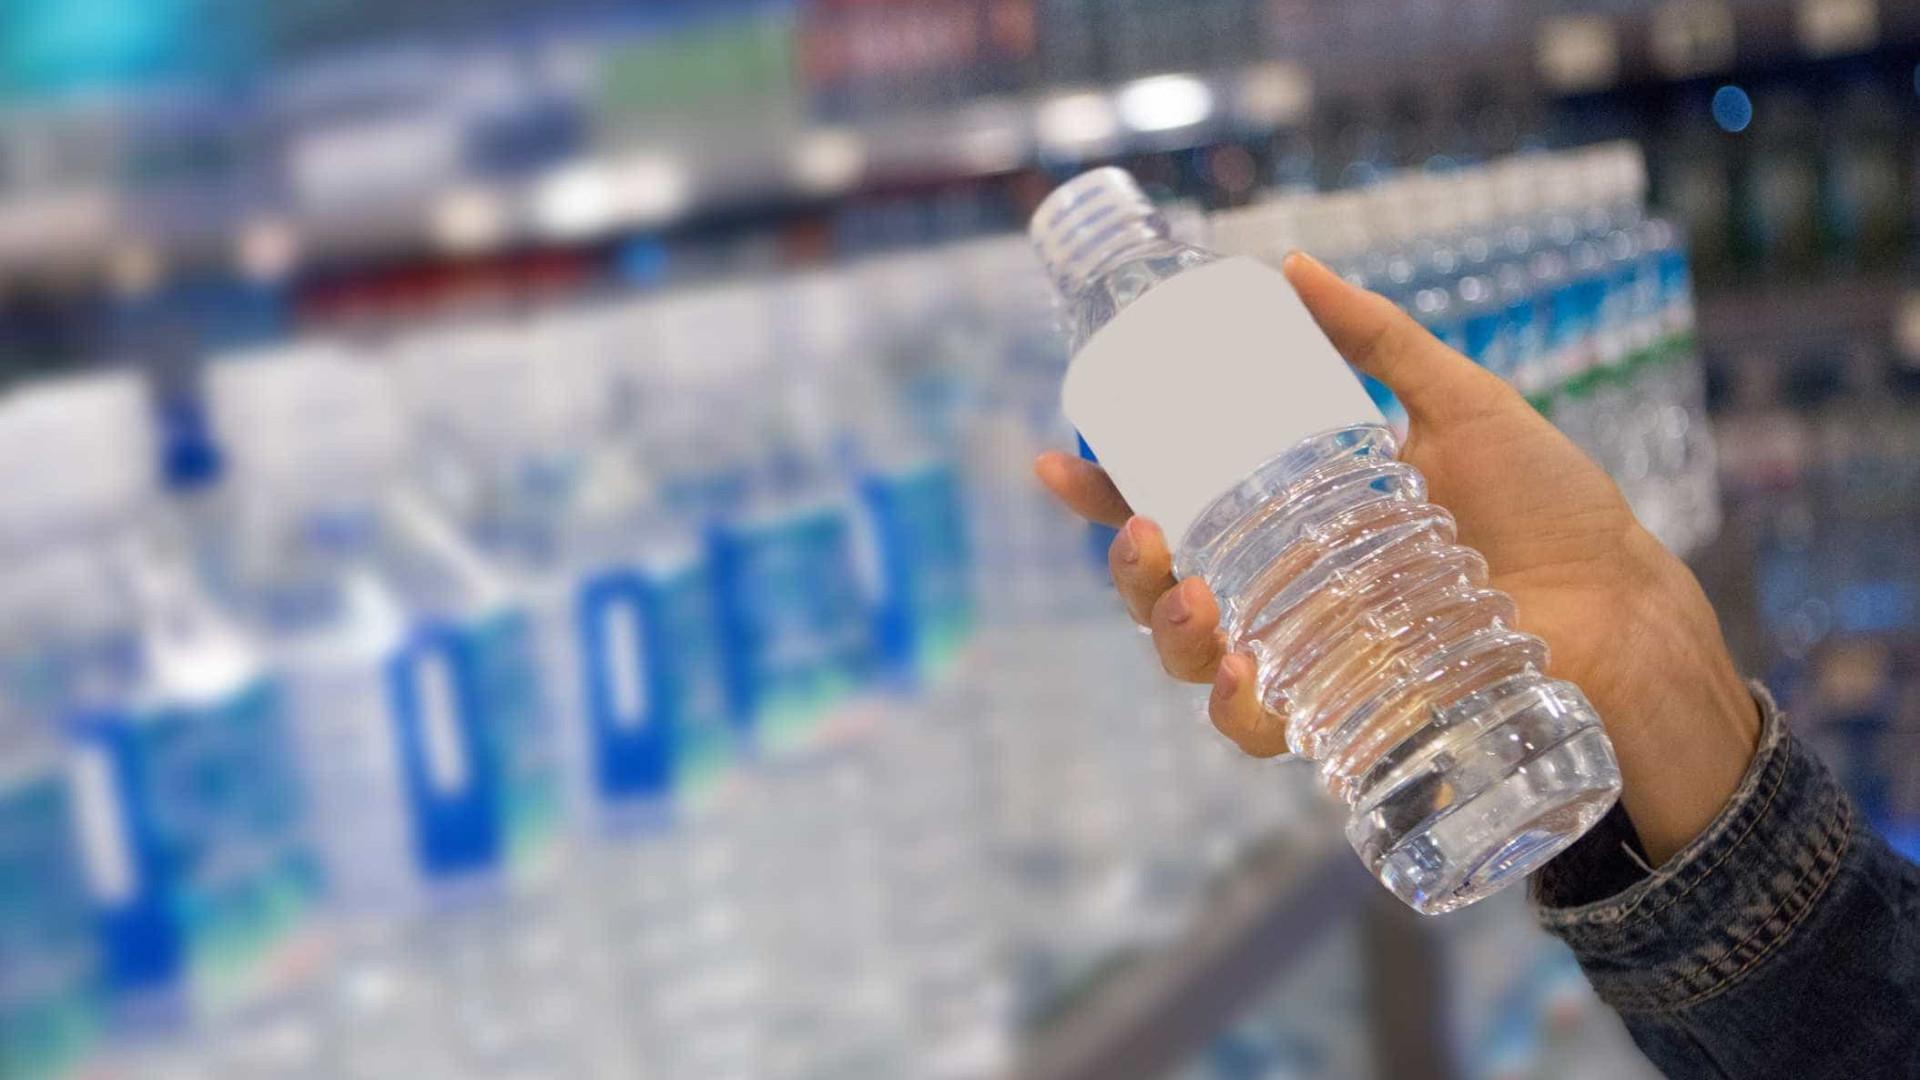 Quer cortar nas bebidas açucaradas? Beber água é a alternativa